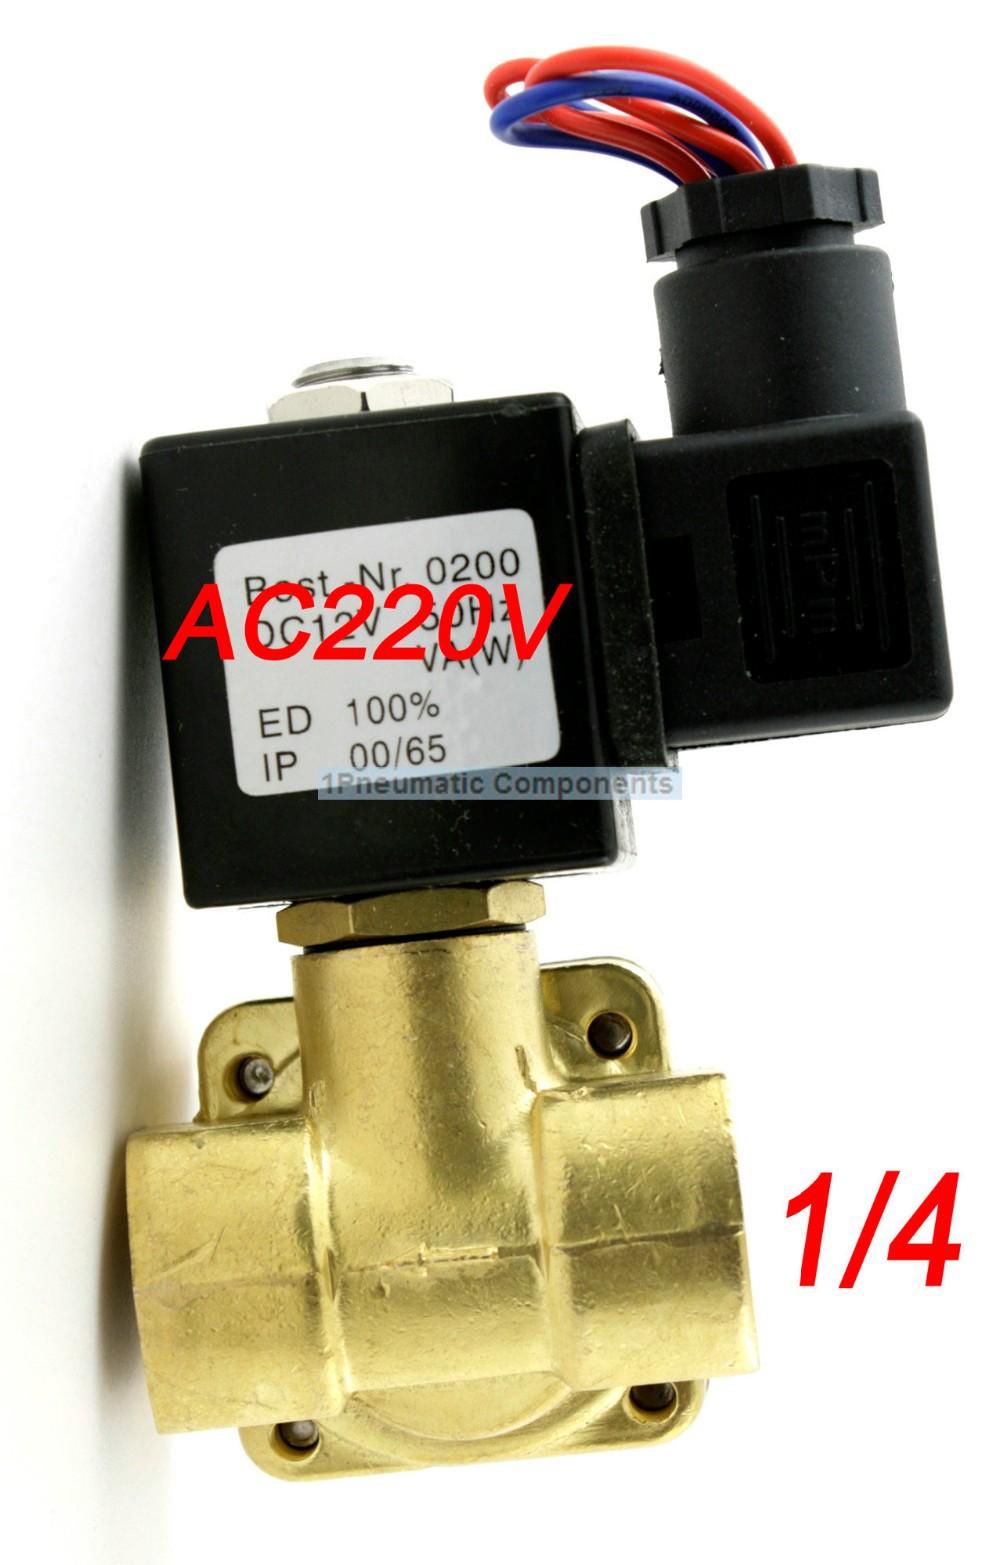 высокое качество 1/4' 16бар давления электромагнитный клапан нормально открытый диафрагма клапана 0955105 dc12v, dc24v, ac110v или ac220v